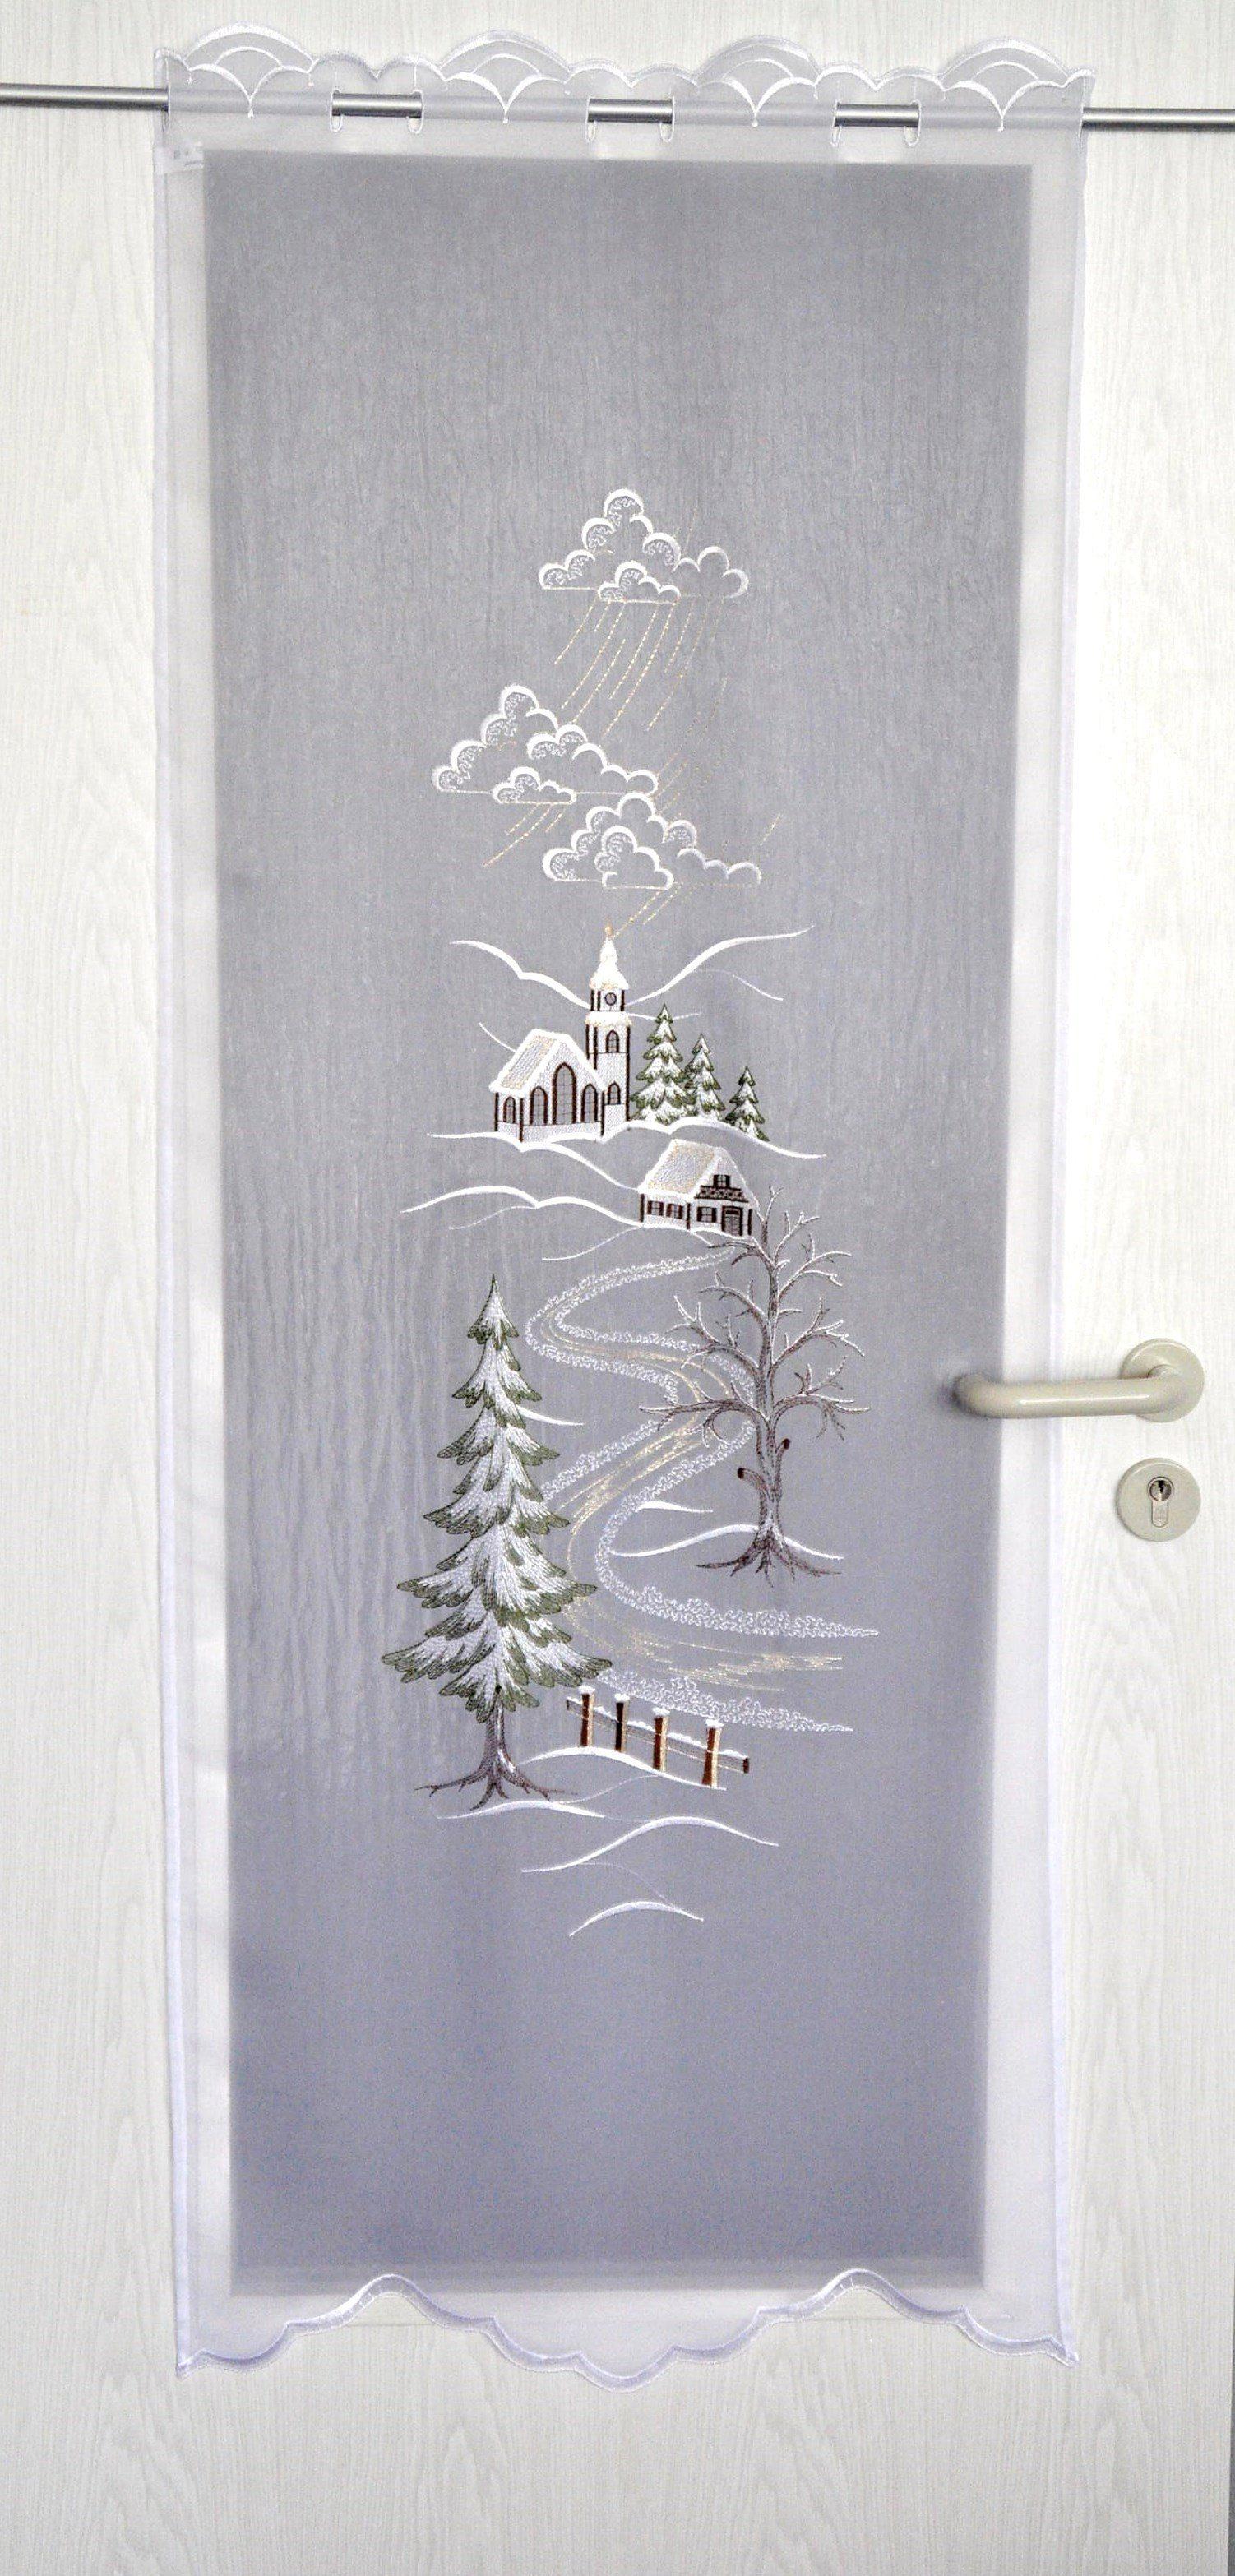 Türpanneaux, »Türstores Landschaft«, mit Durchzuglöchern, veredelt mit echter Plauener Spitze Stickerei (1 Stück)